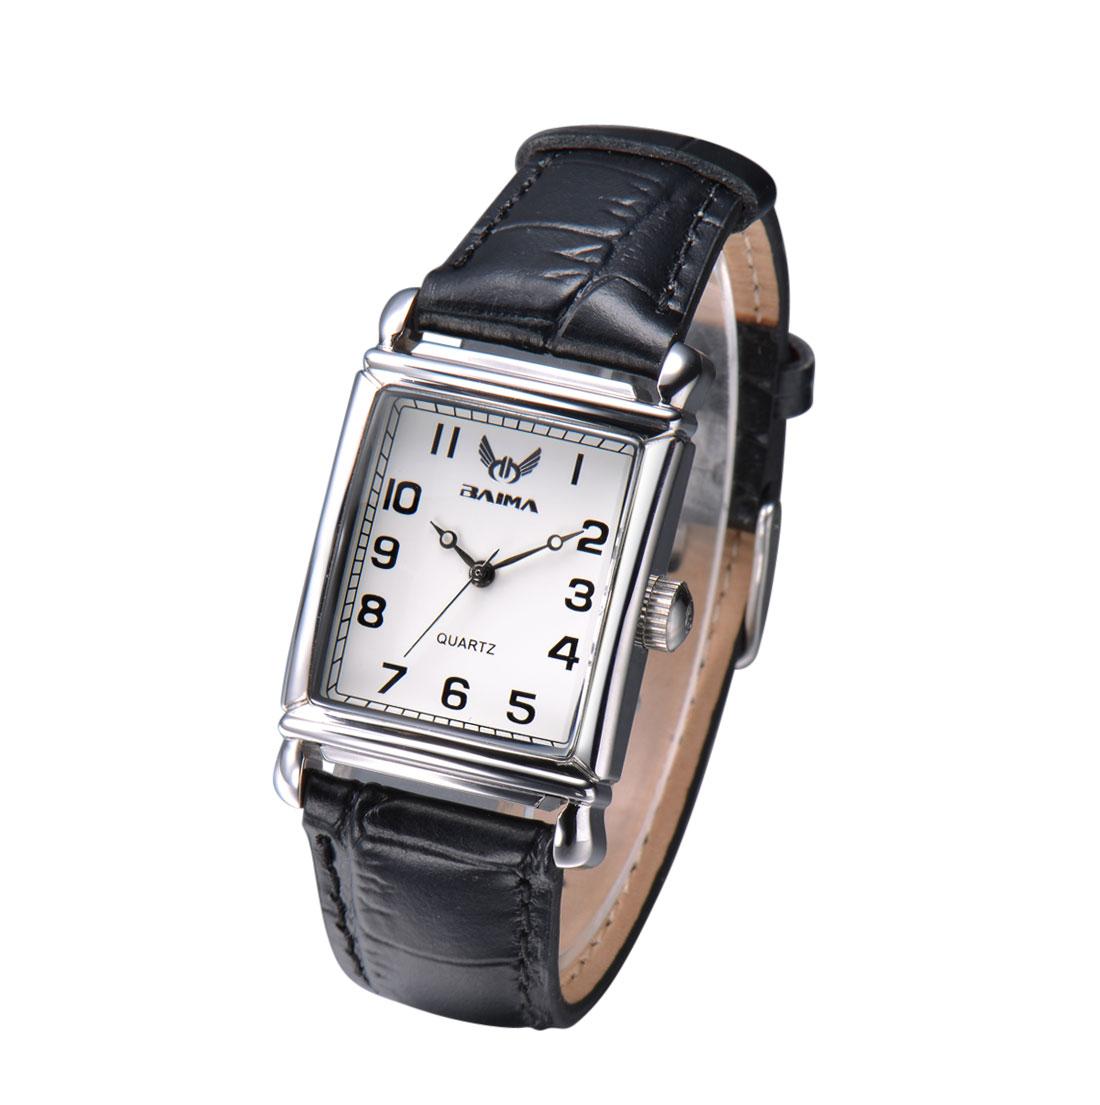 正品佰玛男士手表潮流时尚运动手表男表石英表防水真皮带学生手表